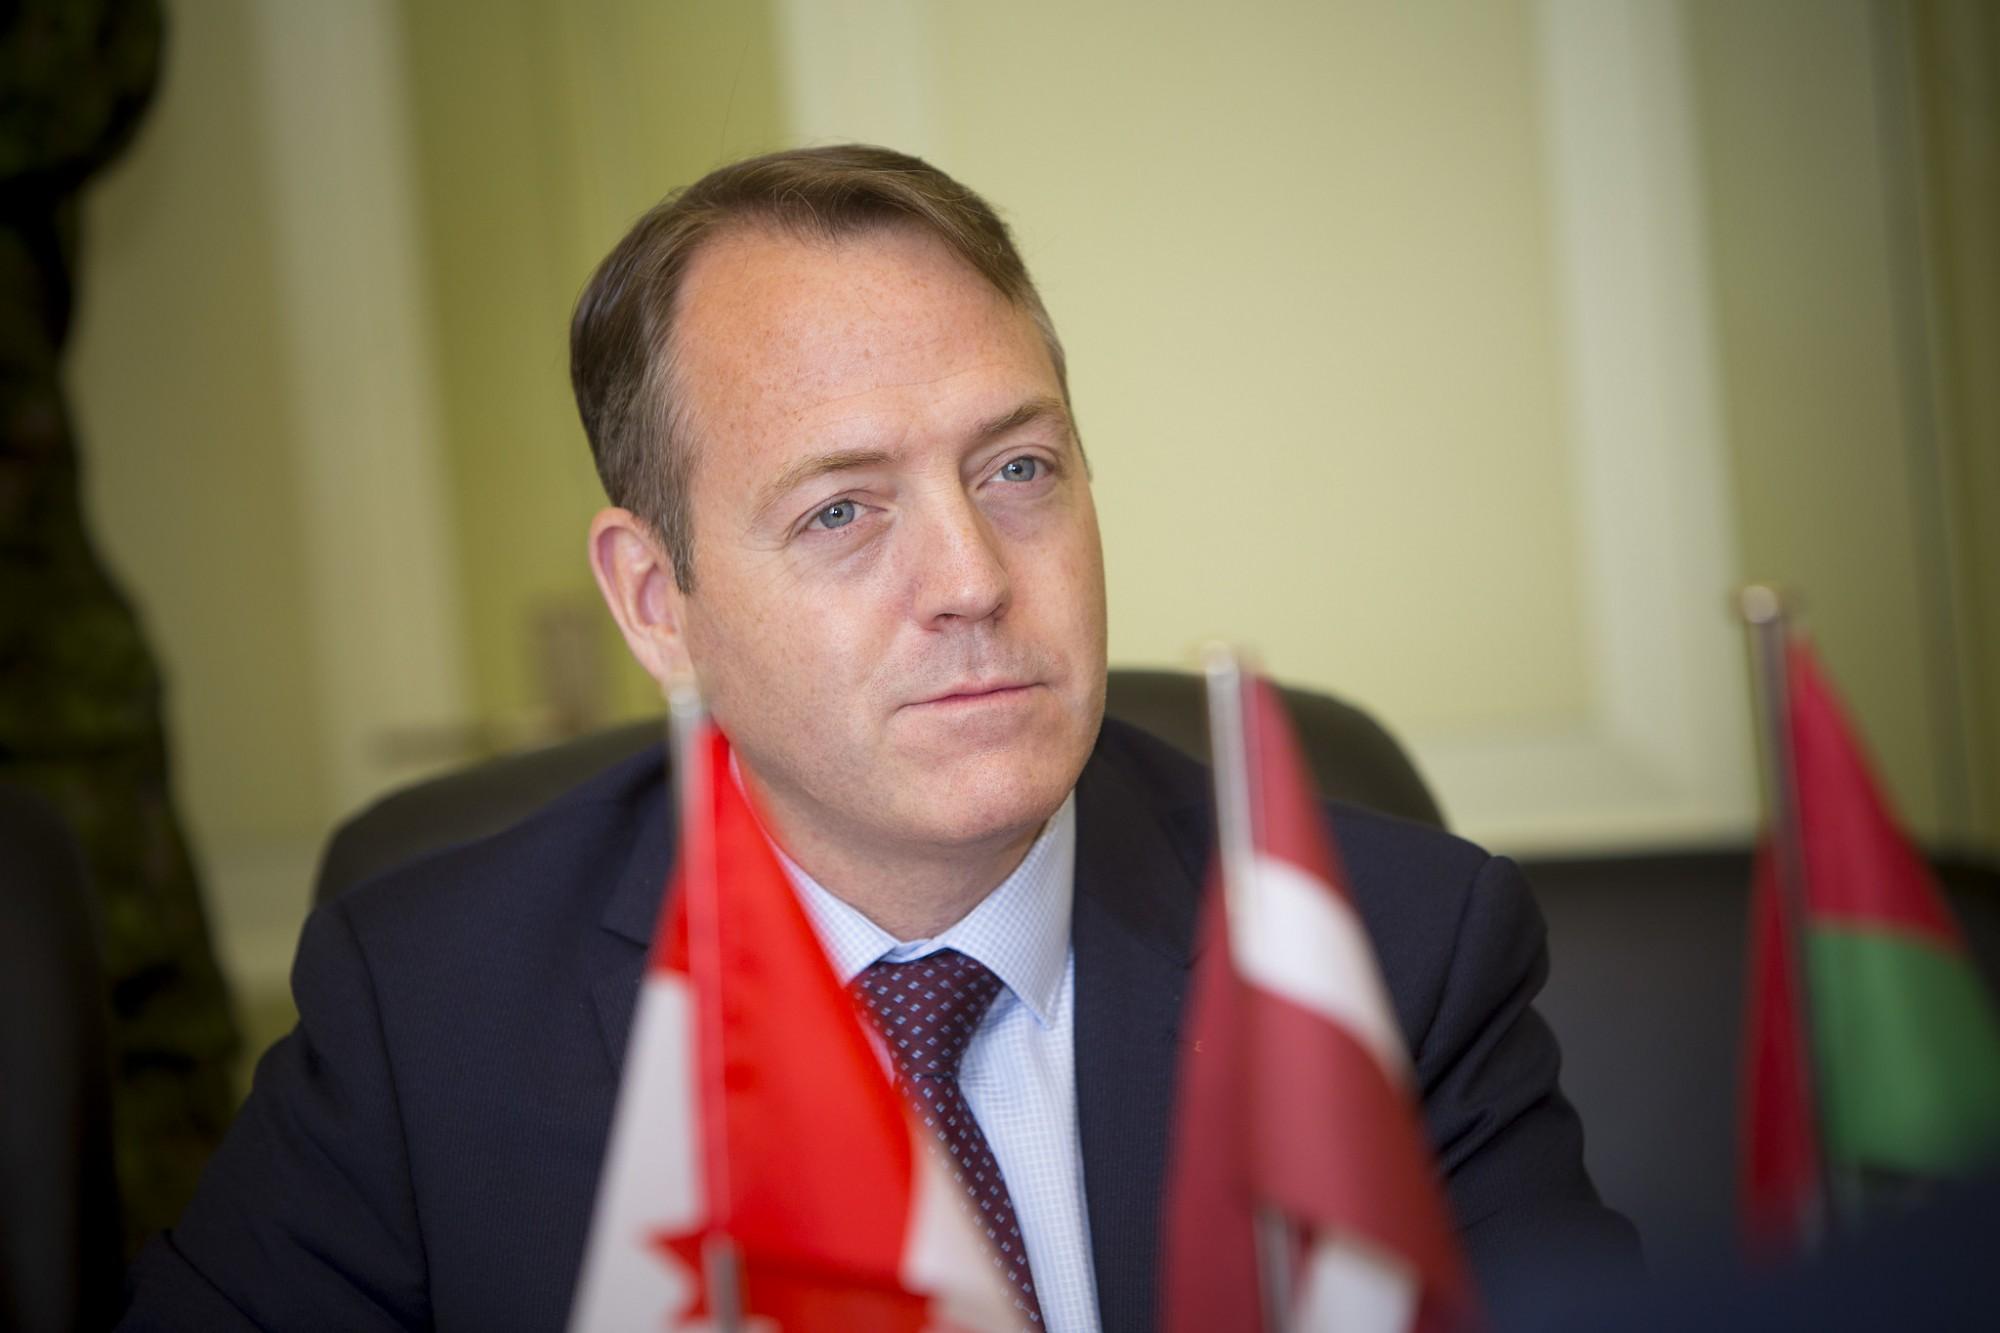 Liepāju iepazīšanās vizītē apmeklē Kanādas vēstnieks